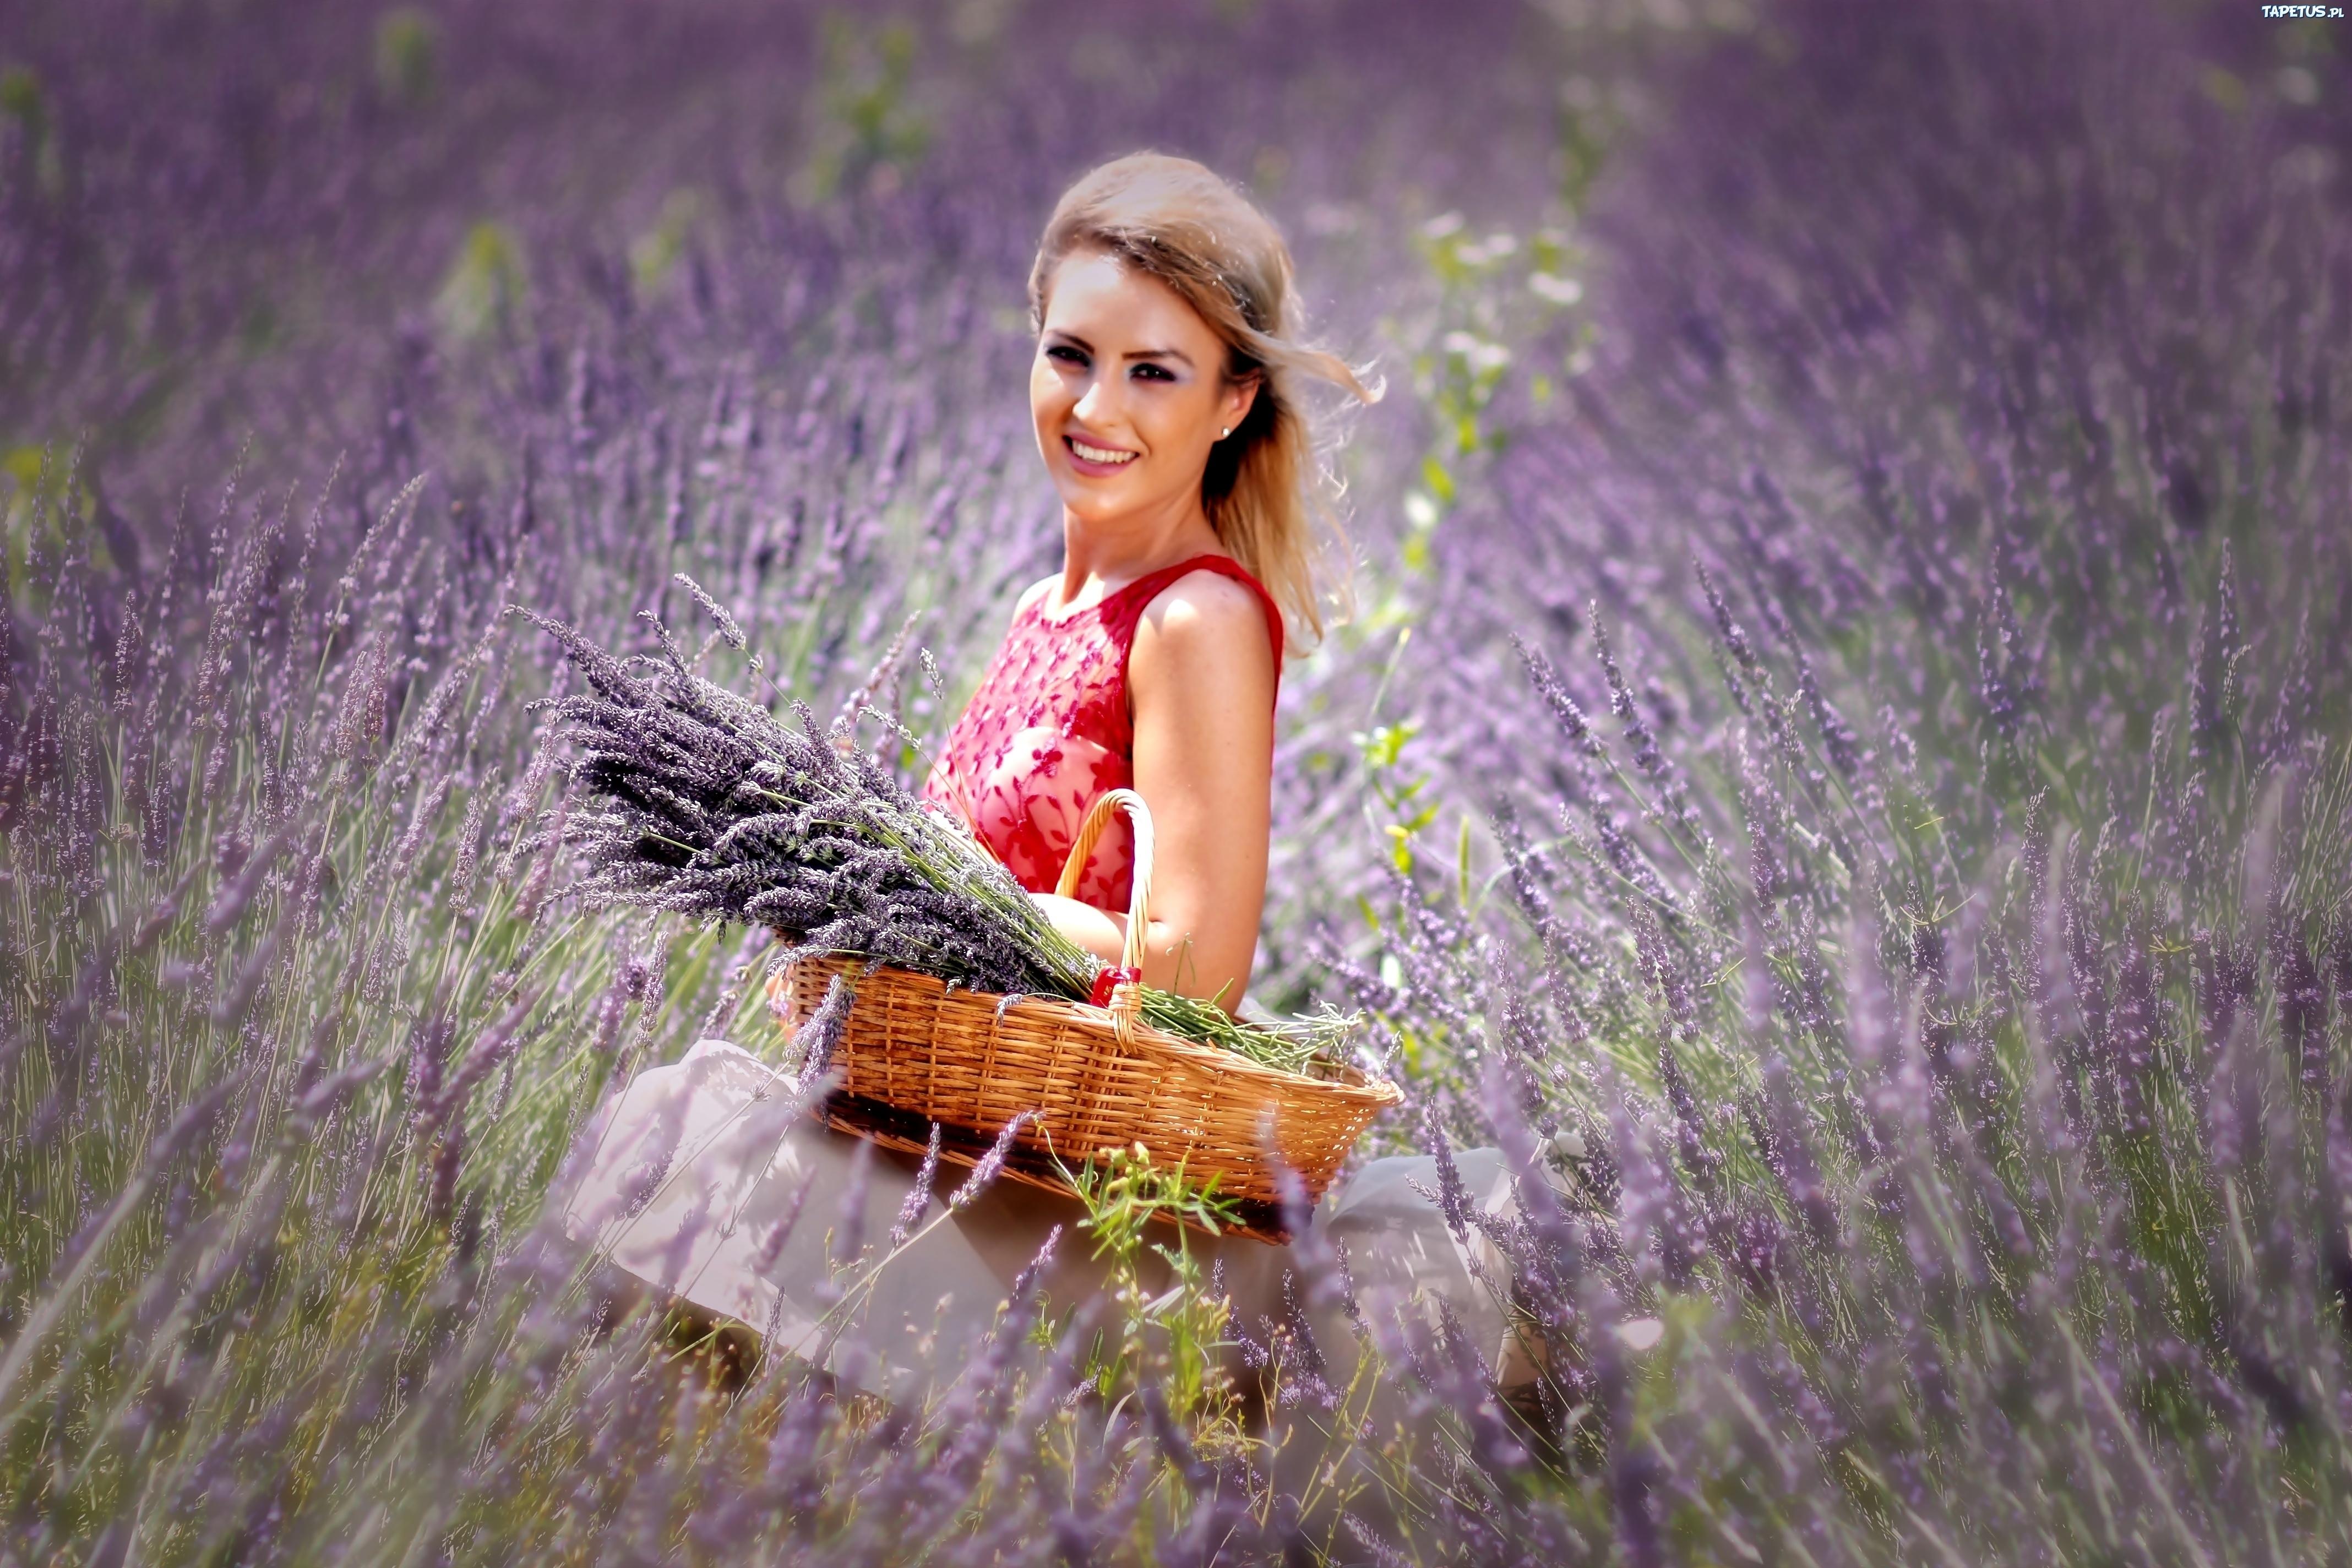 244401_usmiechnieta-dziewczyna-wiazanka-koszyk-pole.jpg